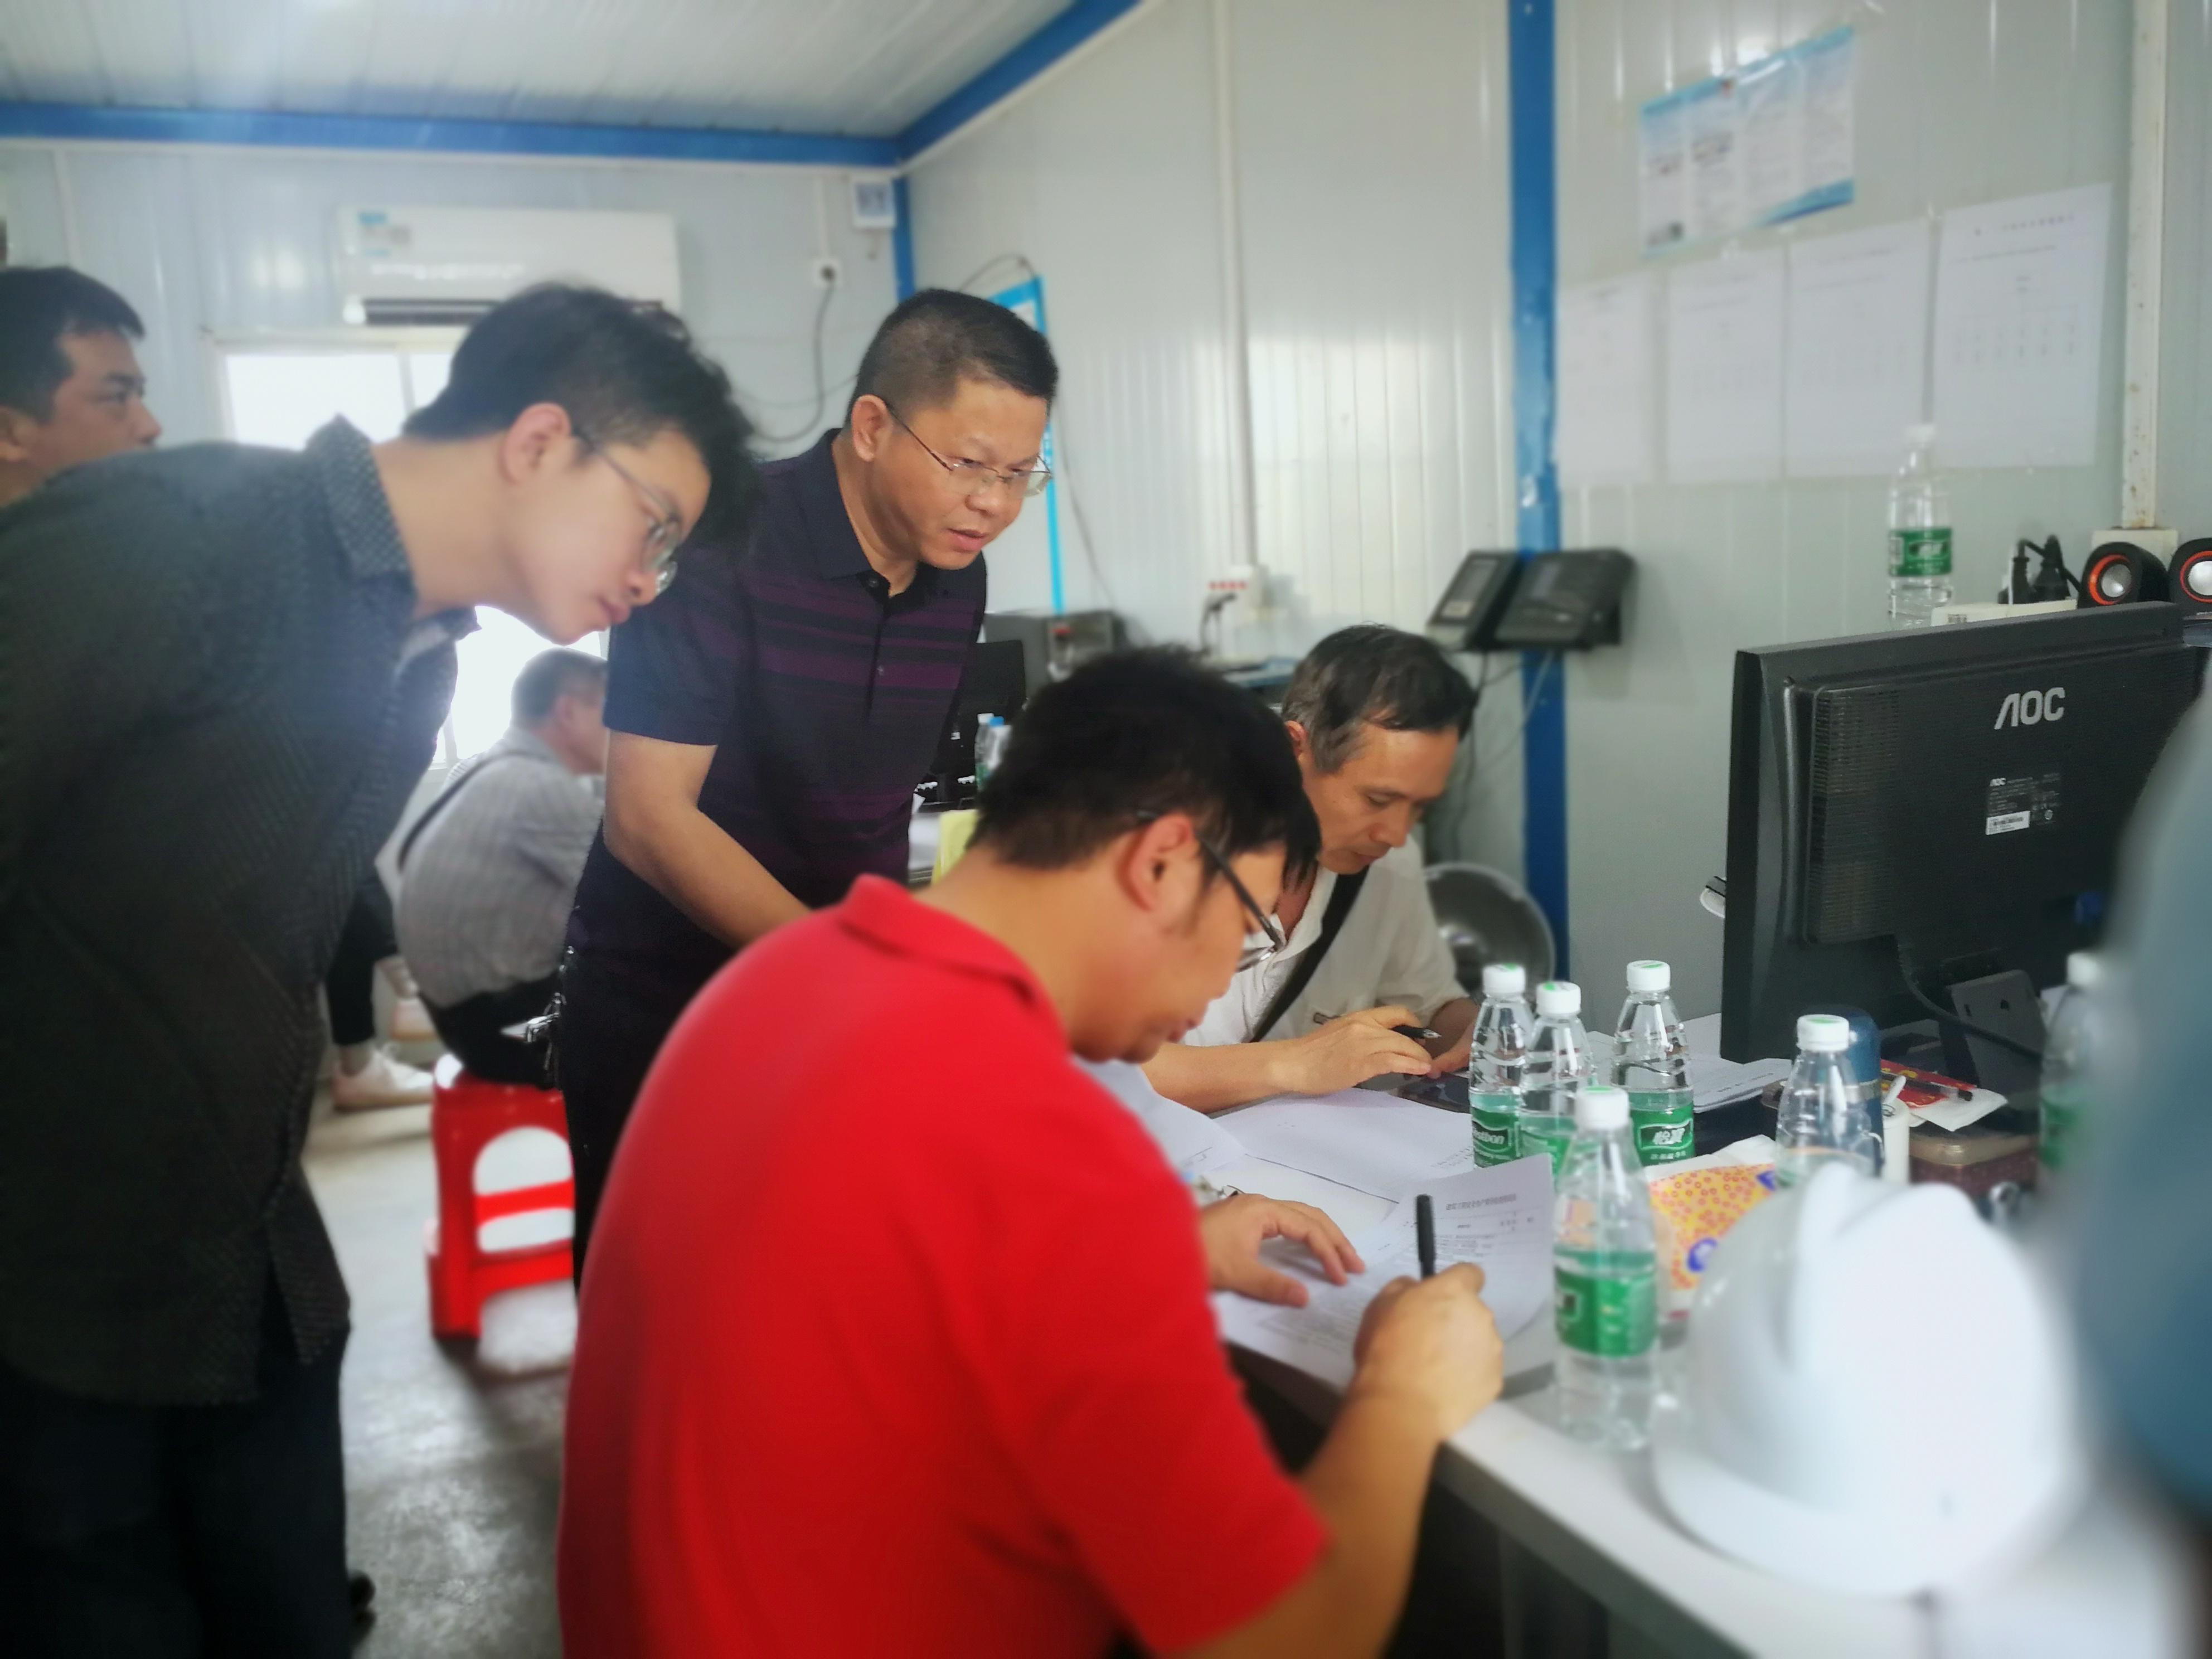 广州市住建委专家及番禺区安监站一行8人,来到福涌小学体育馆项目进行质量安全检查。(第二事所)